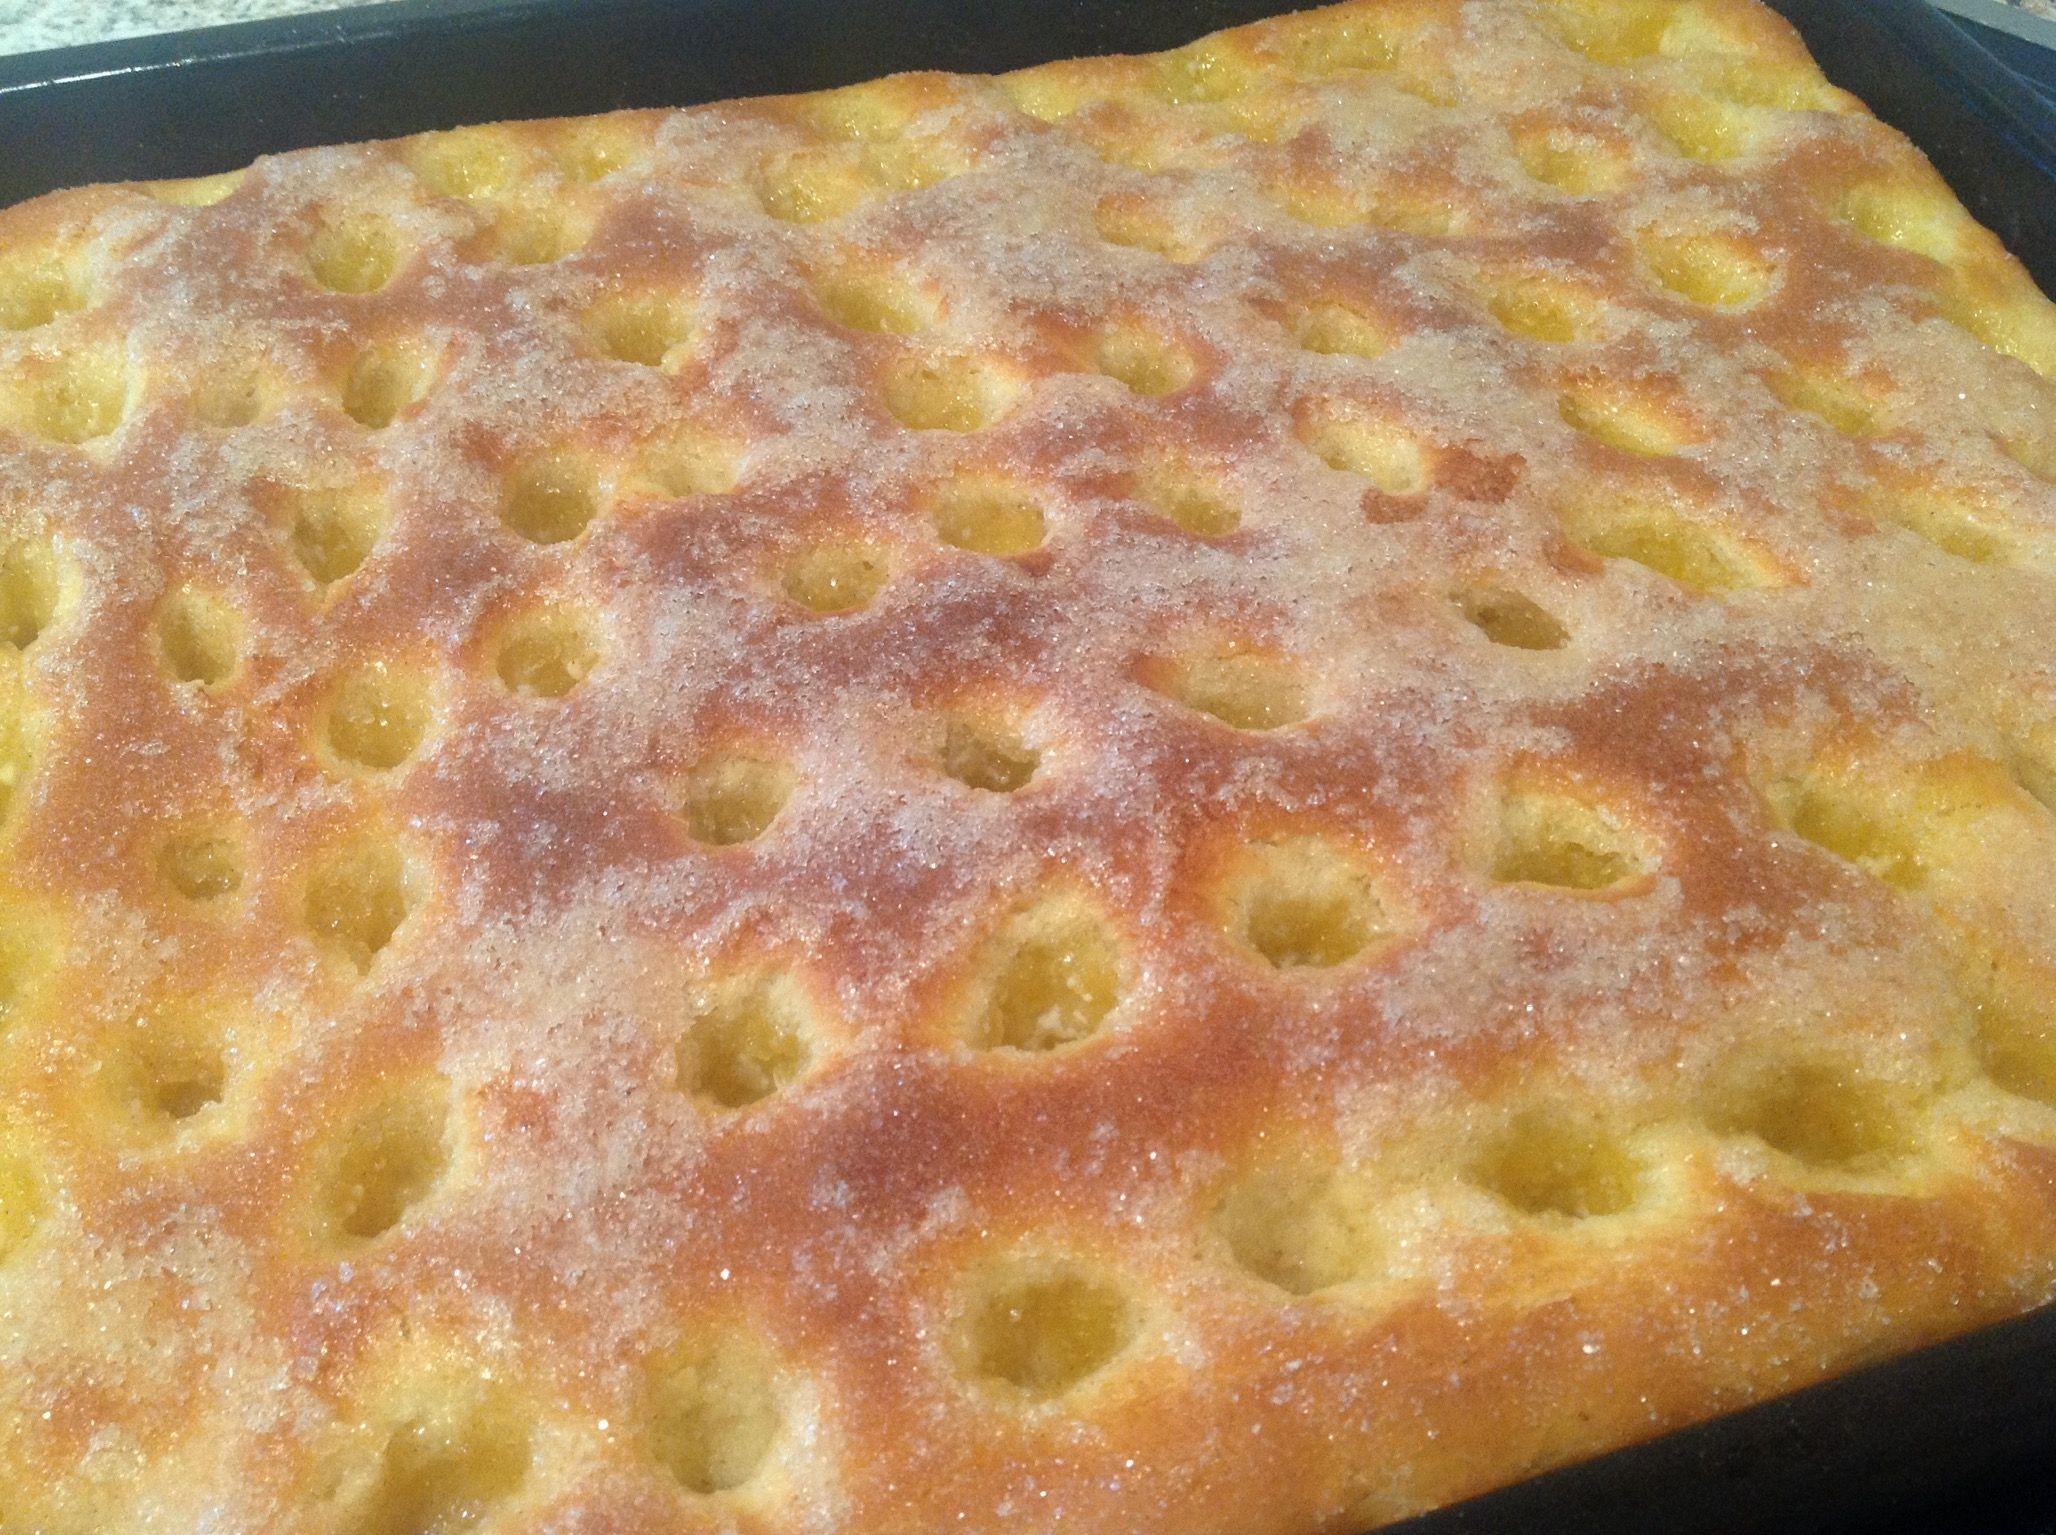 Ein einfach zu backender Hefeteigkuchen mit viel Butter, eben ein Butterkuchen. Butterkuchen ist warm aus dem Ofen oder auch aufgetrocknet ein Gedicht. #cookiebutterpie